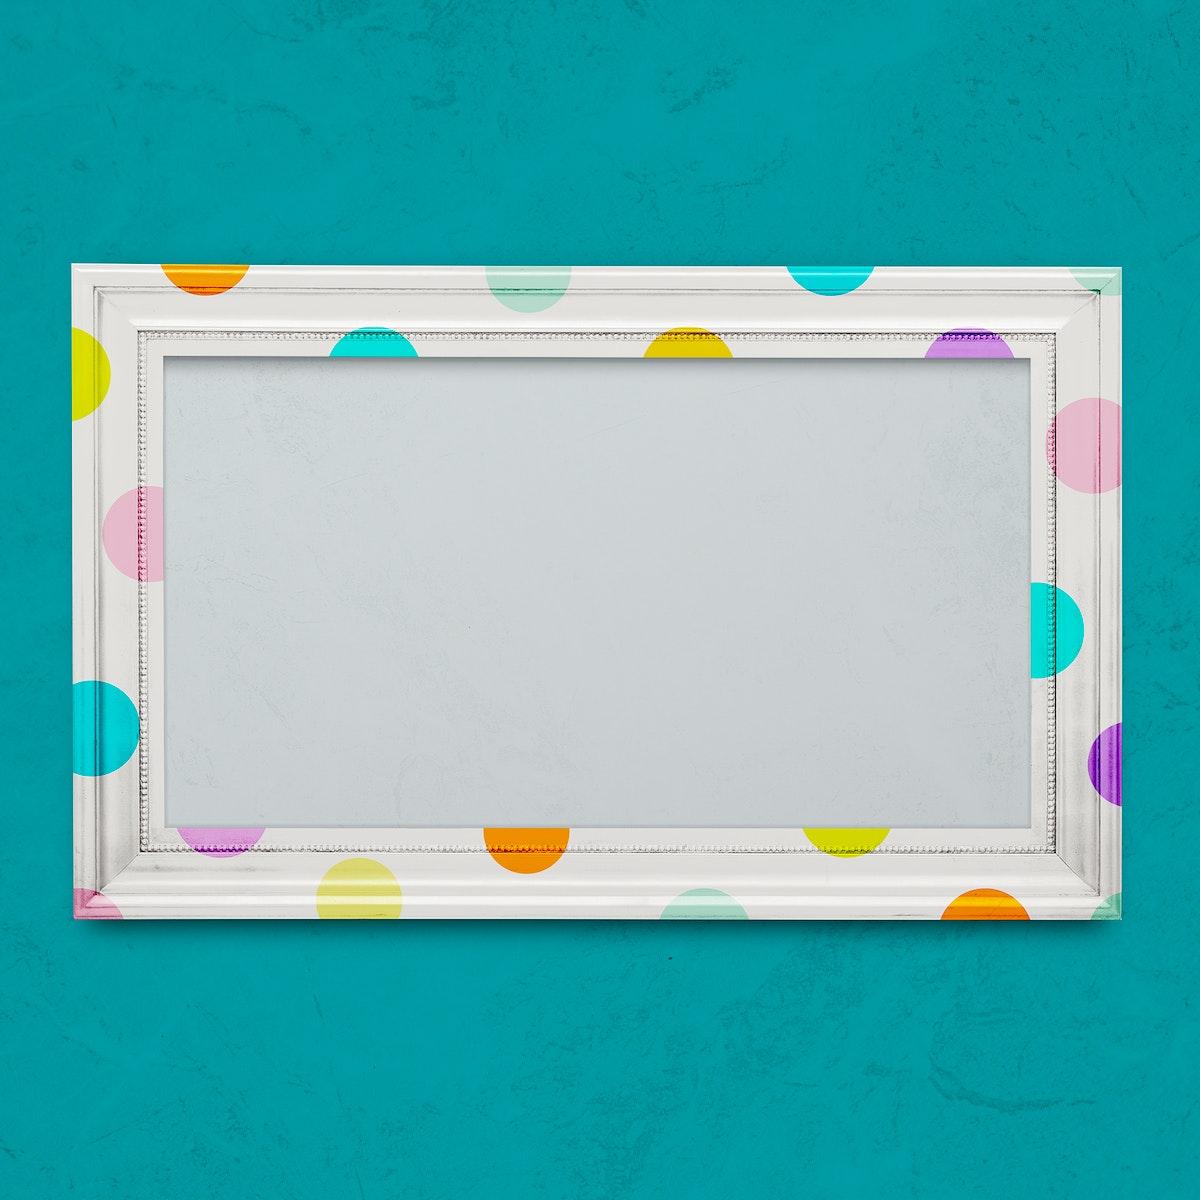 Polka dot photo frame mockup